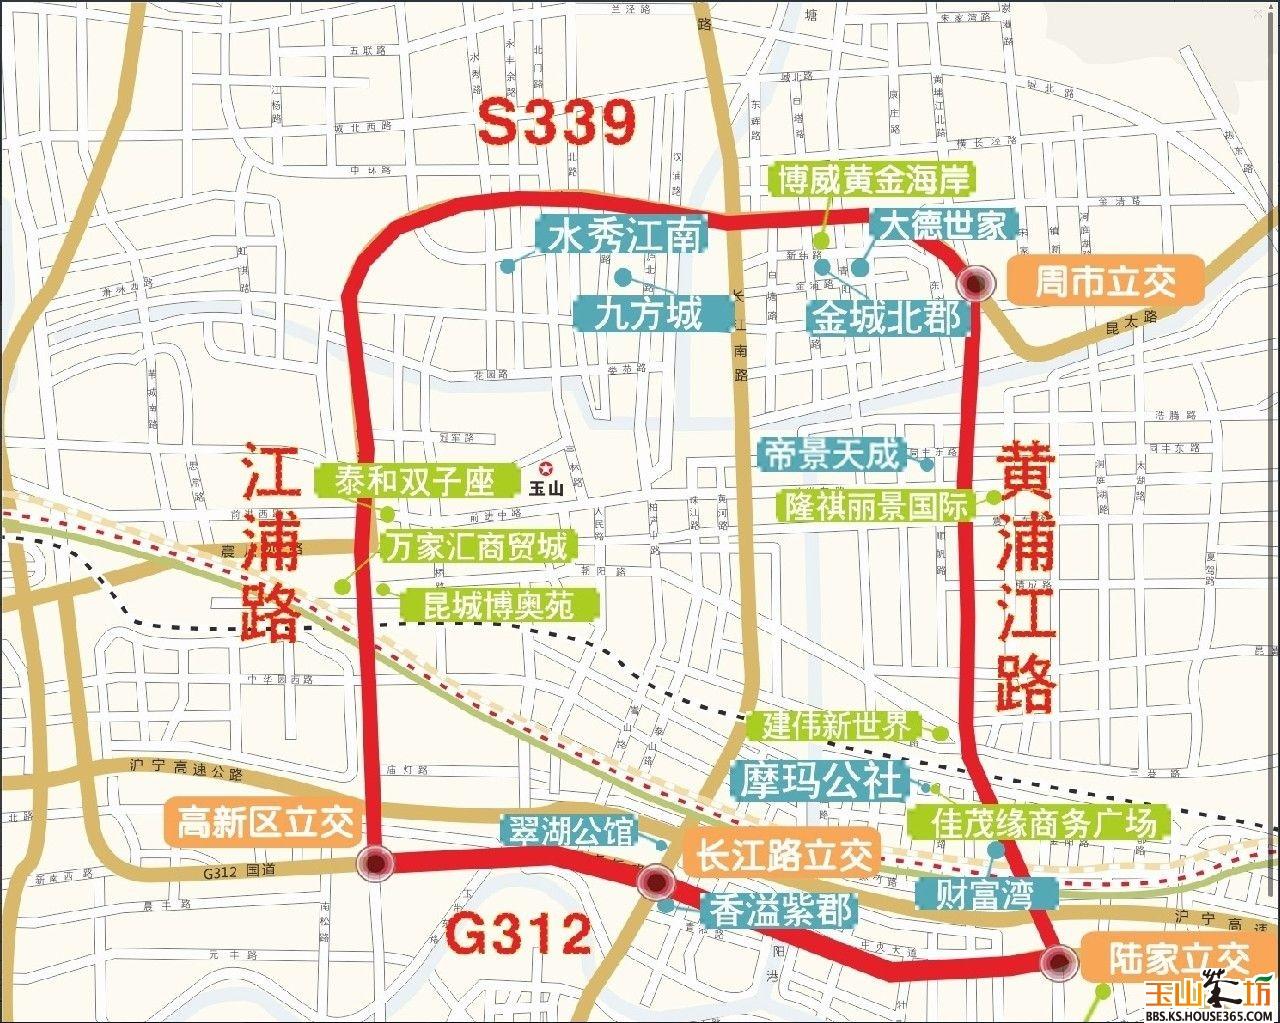 香港轻轨线路图 昆山中环 香港轻轨线路图图片